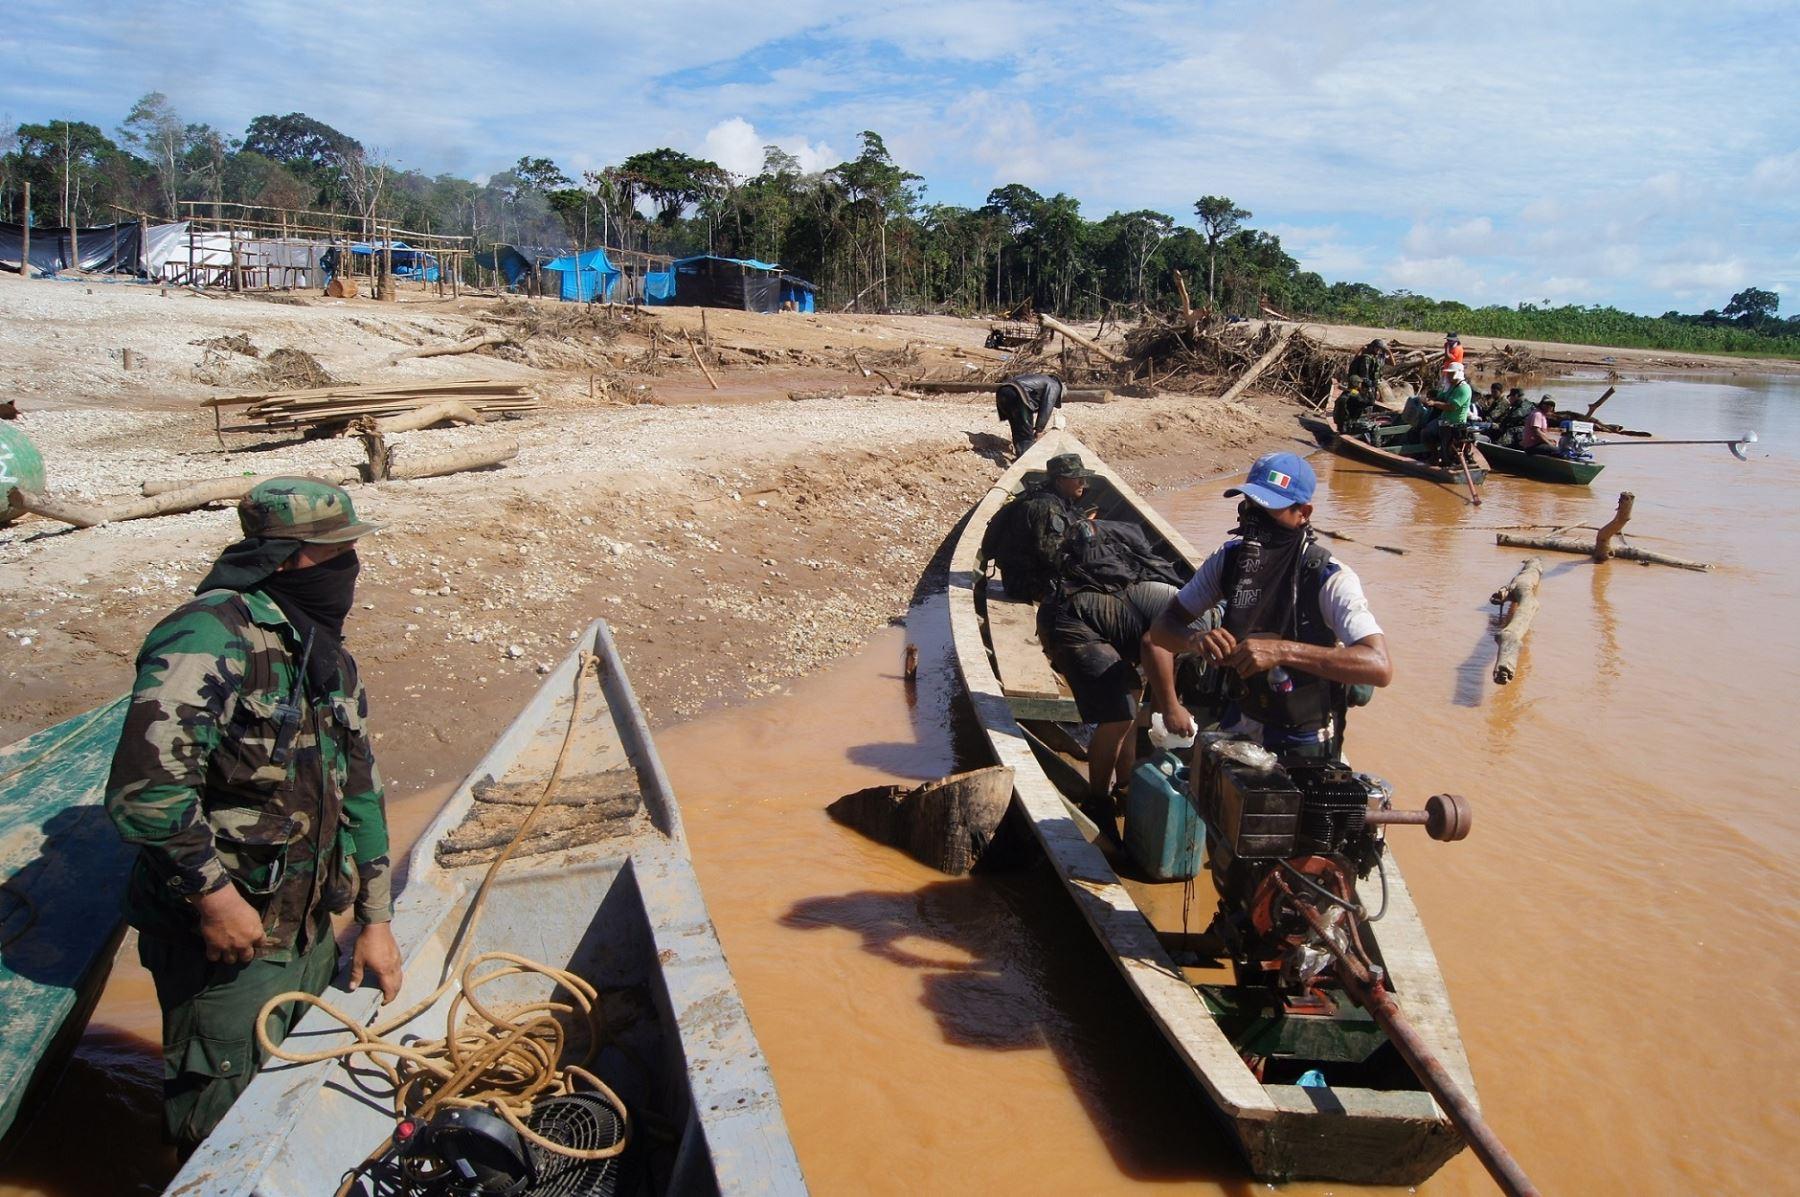 Presencia de las Fuerzas Armadas para combatir la minería ilegal en la reserva de Tambopata ya es permanente.